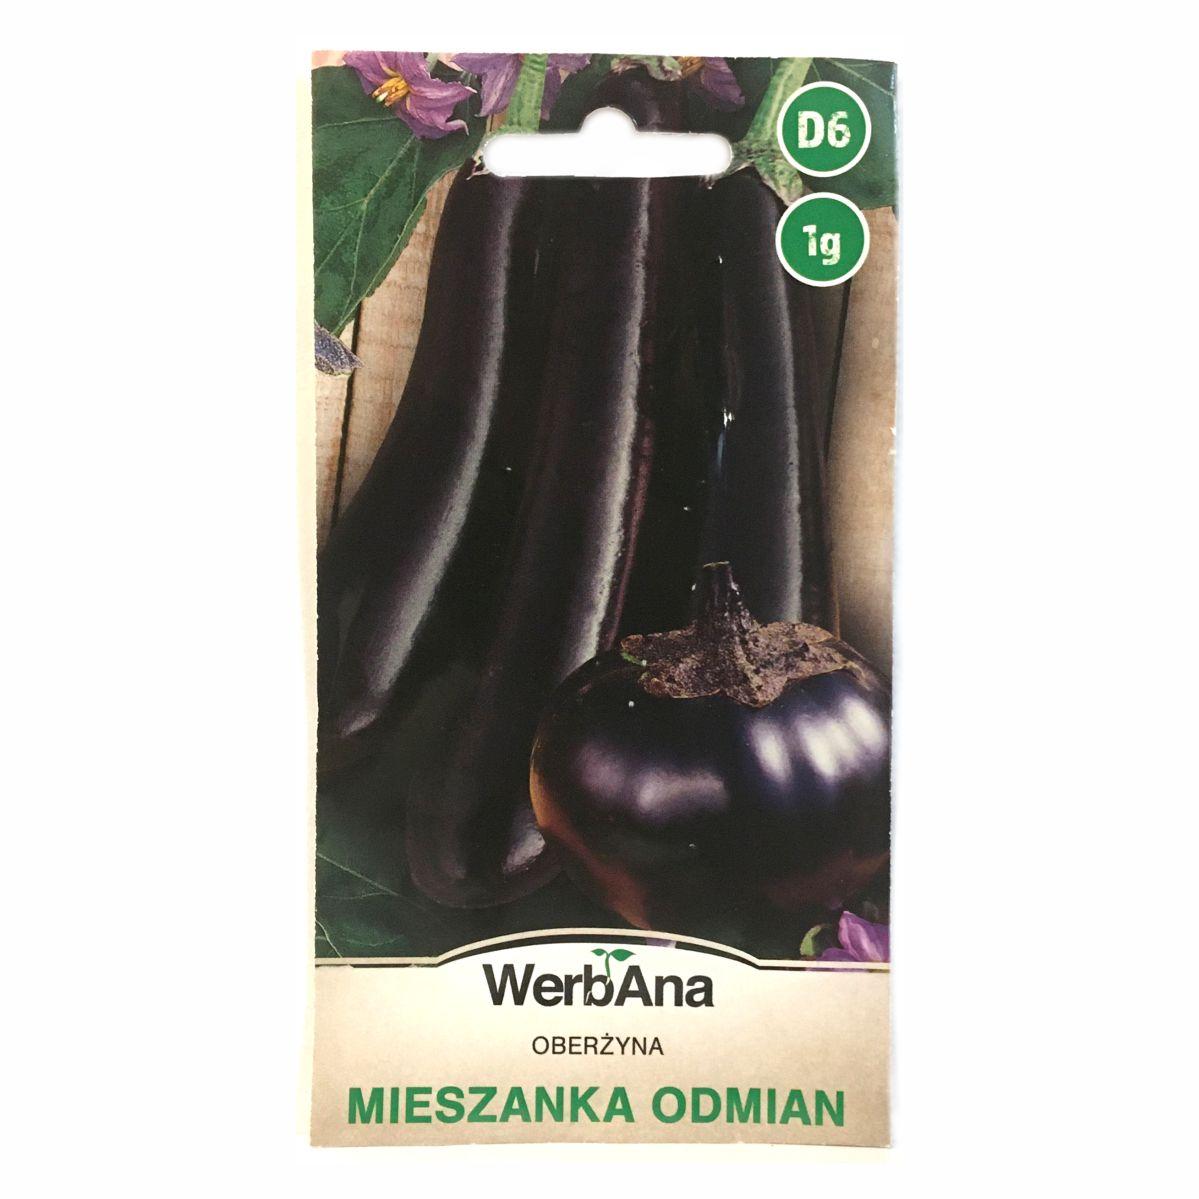 Oberżyna bakłażan miesznka odmian nasiona WegAna